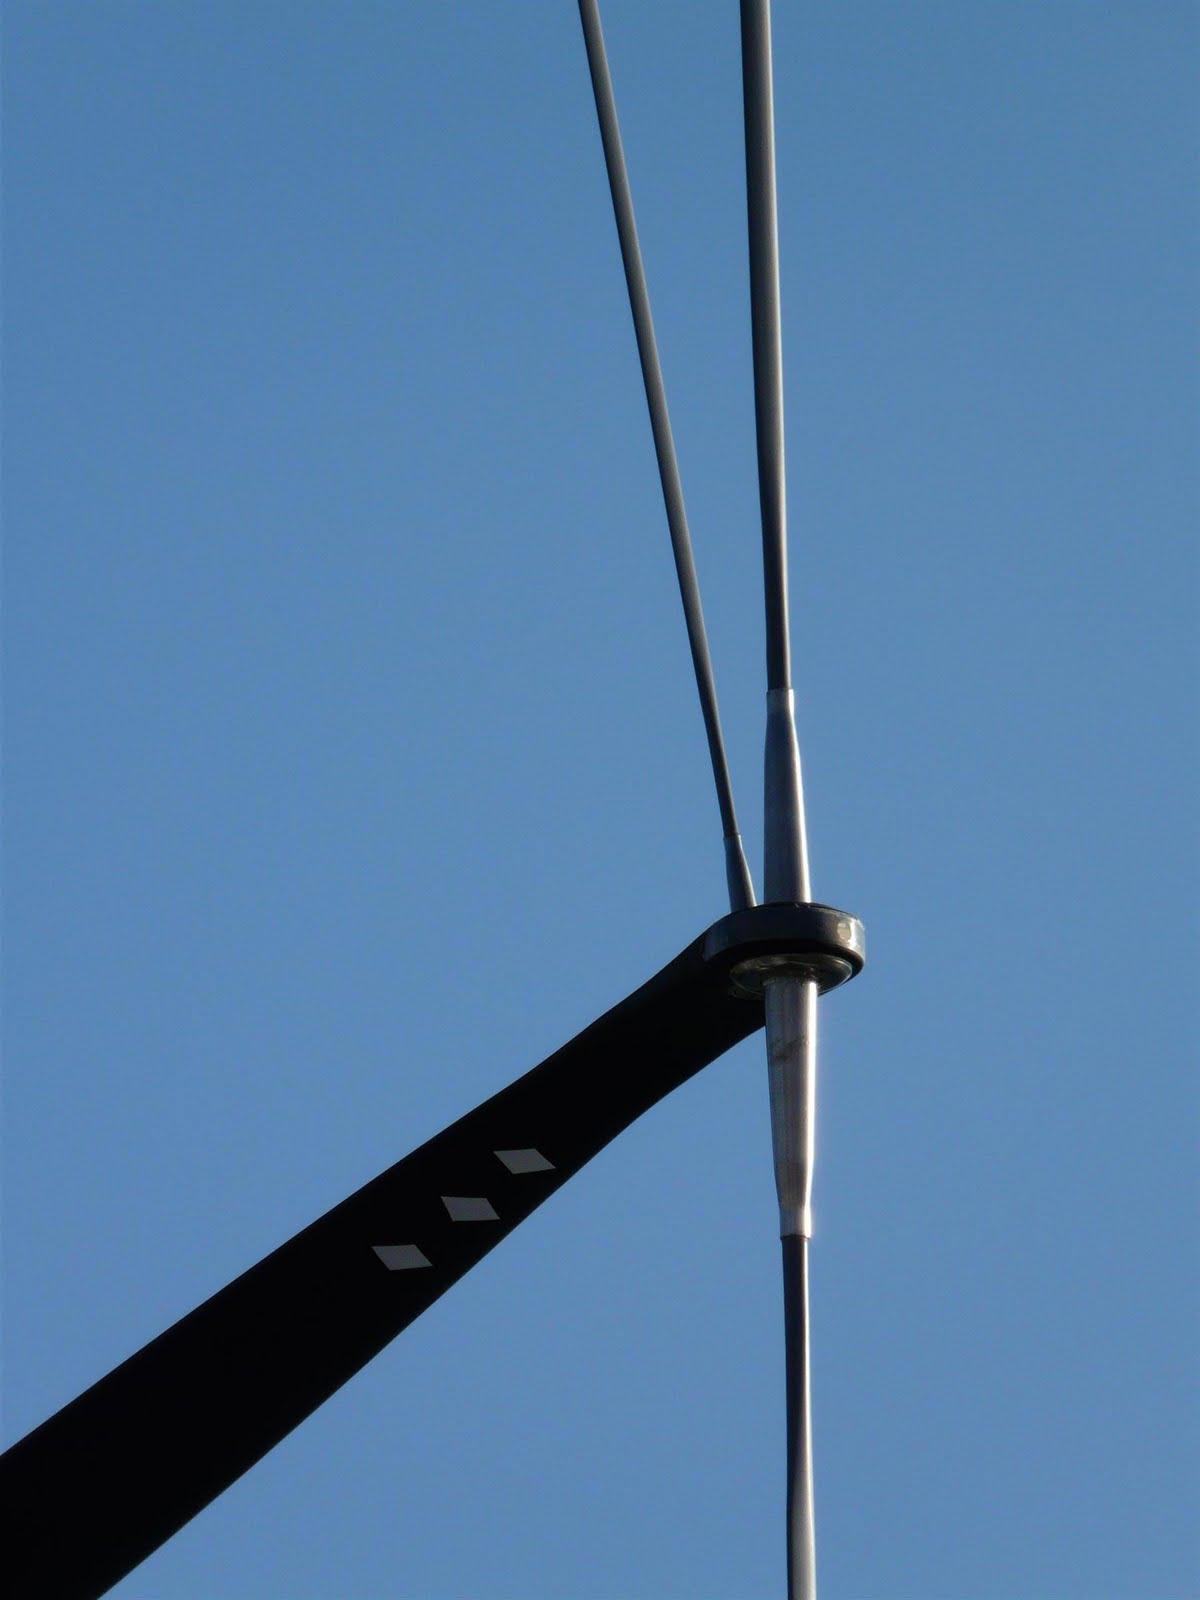 Rigging SCR (Seamless Carbon Rigging) de Hall Spars, lo último en